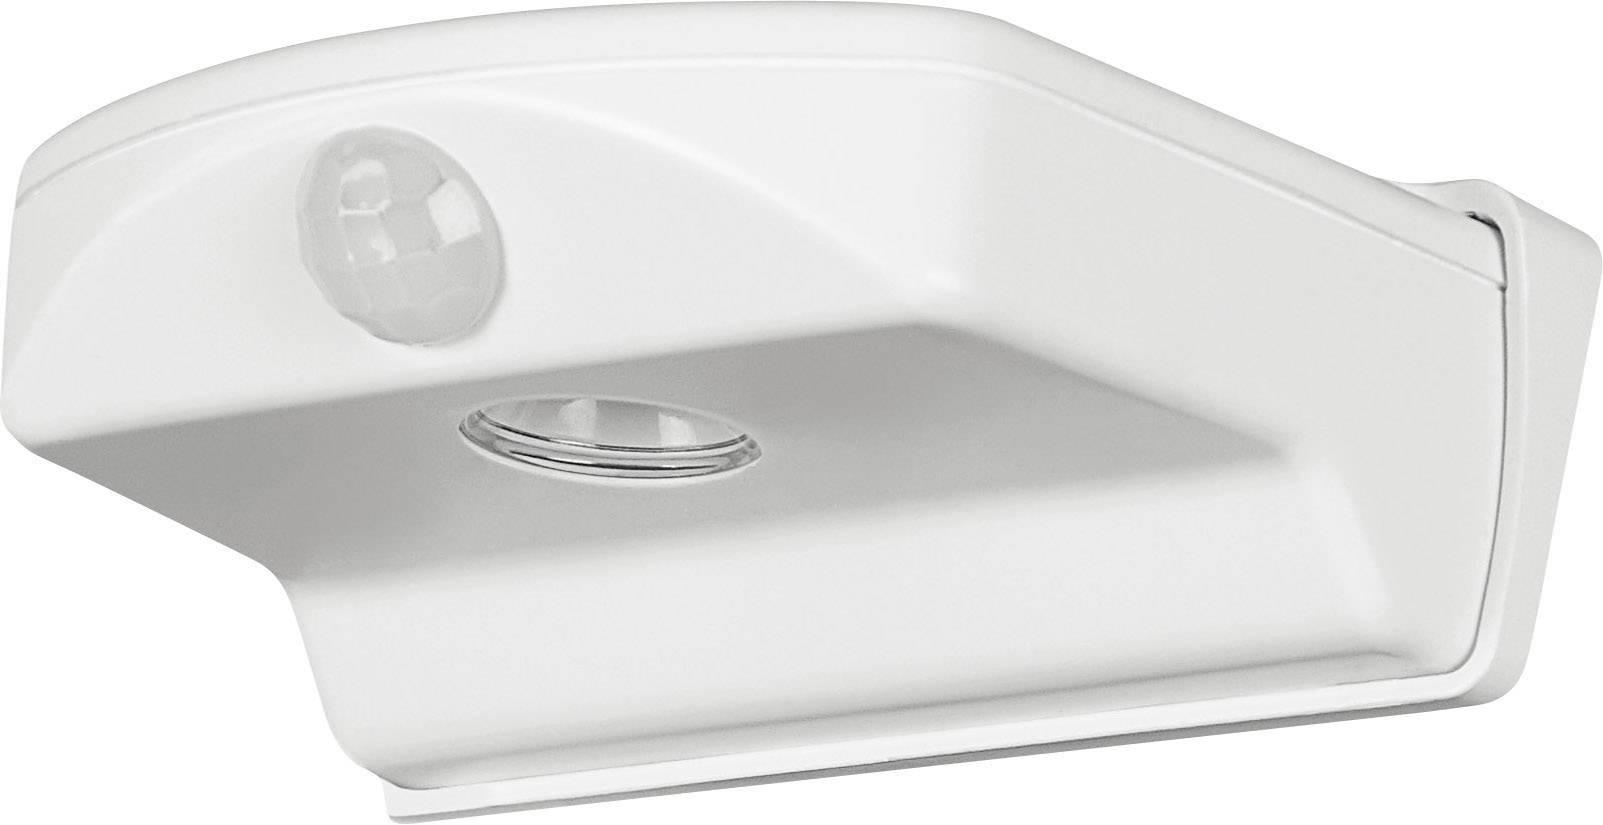 Venkovní nástěnné LED osvětlení s PIR detektorem OSRAM Door 4052899196445, 1.6 W, neutrálně bílá, bílá